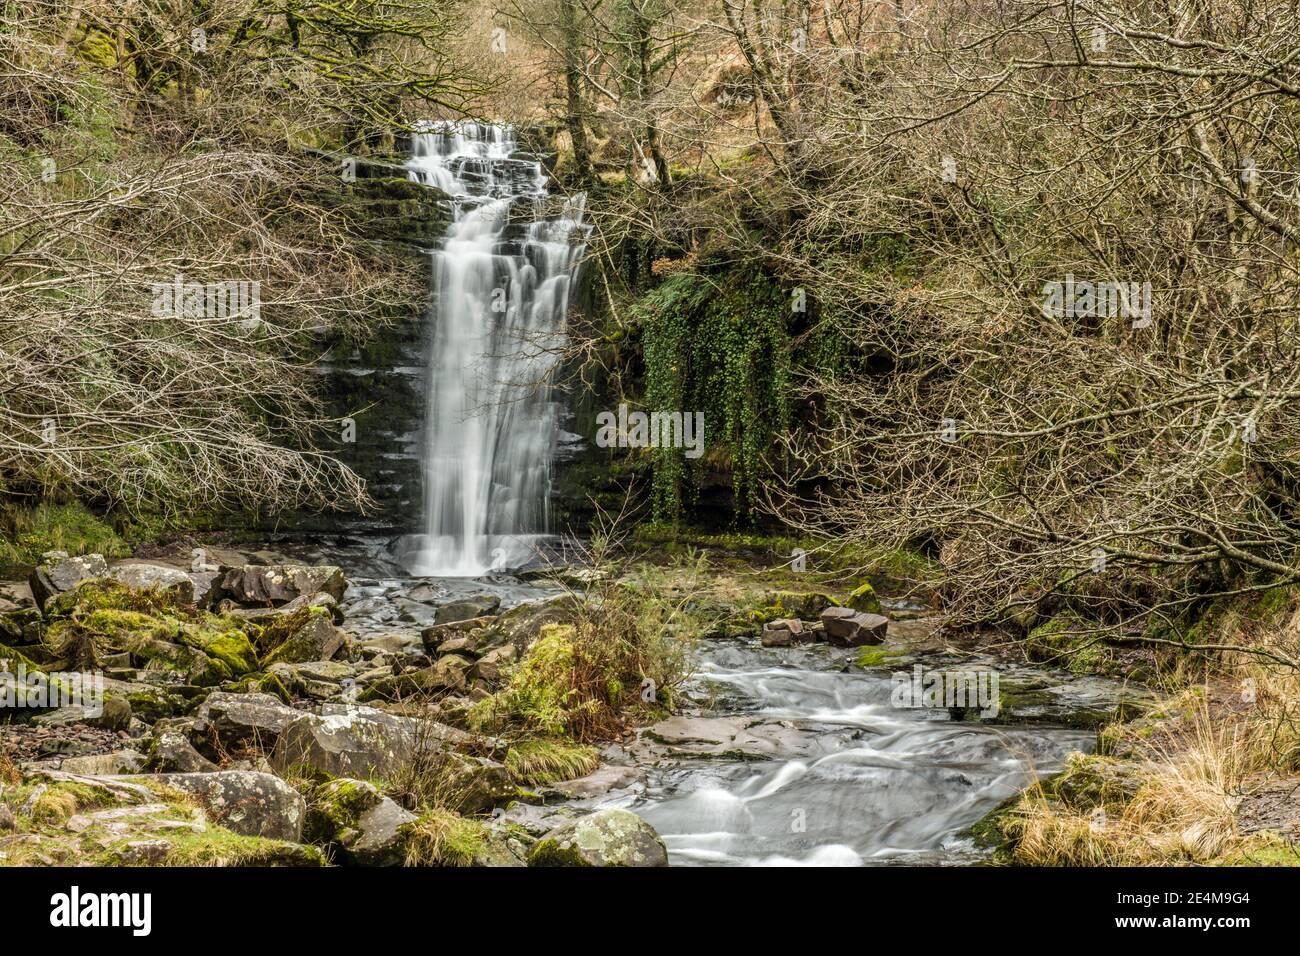 La cascada Blaen y Glyn en el río Caerfanell en el Balizas centrales de Brecon, en el sur de Gales. Foto de stock